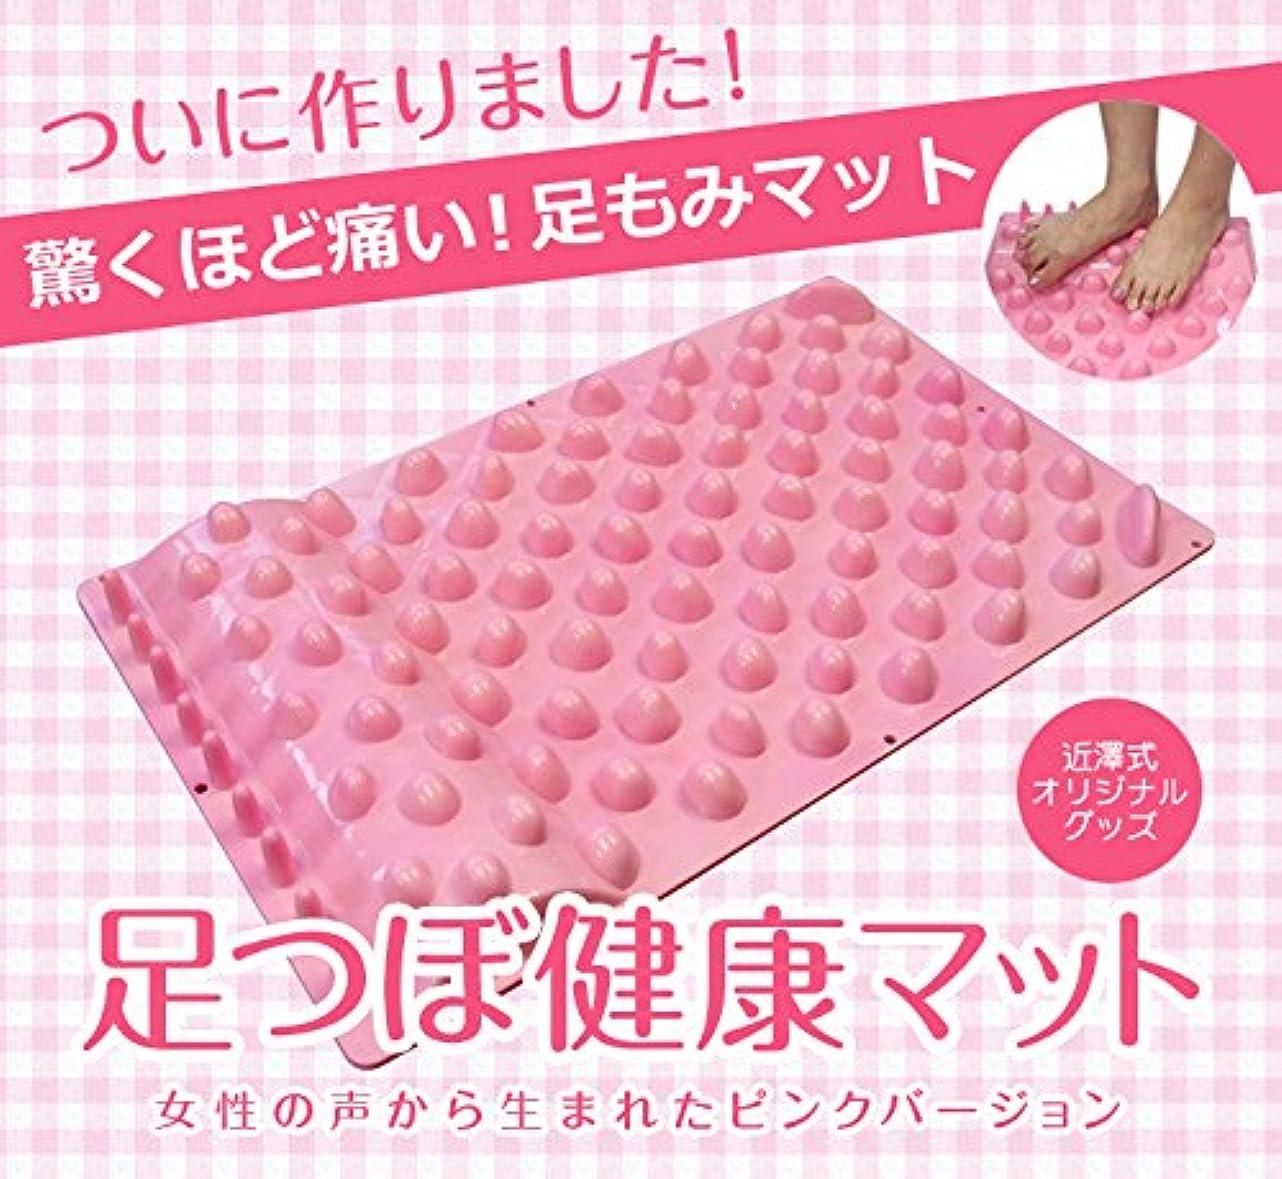 好み前方へへこみ【近澤式】足つぼマット ピンク